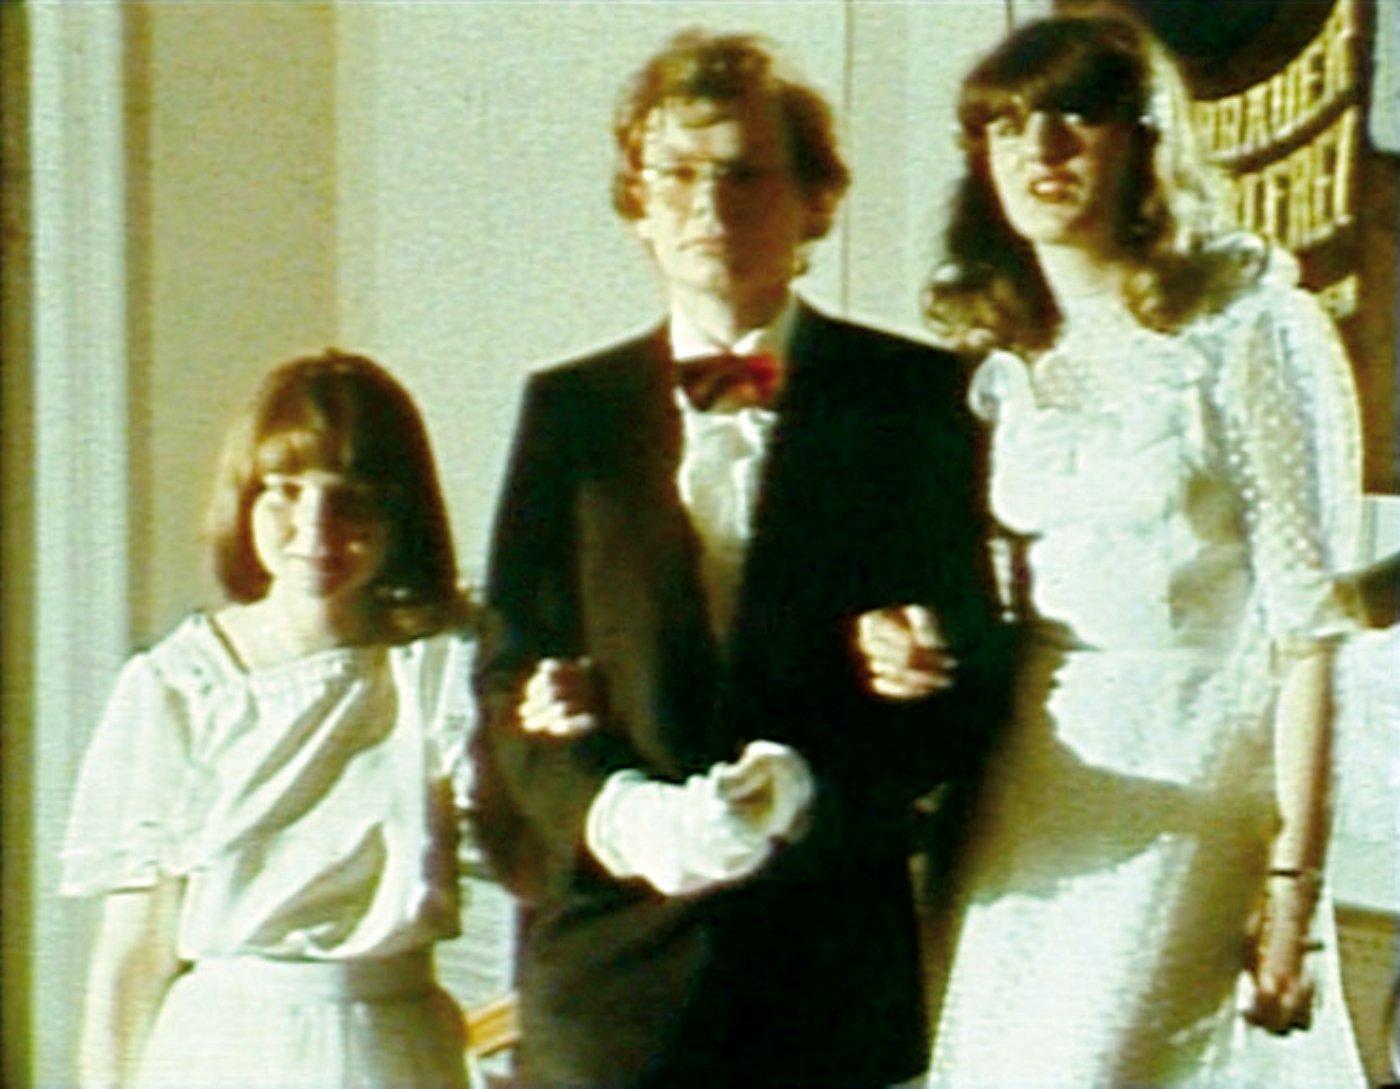 der-ball-1982-seidl-recensione